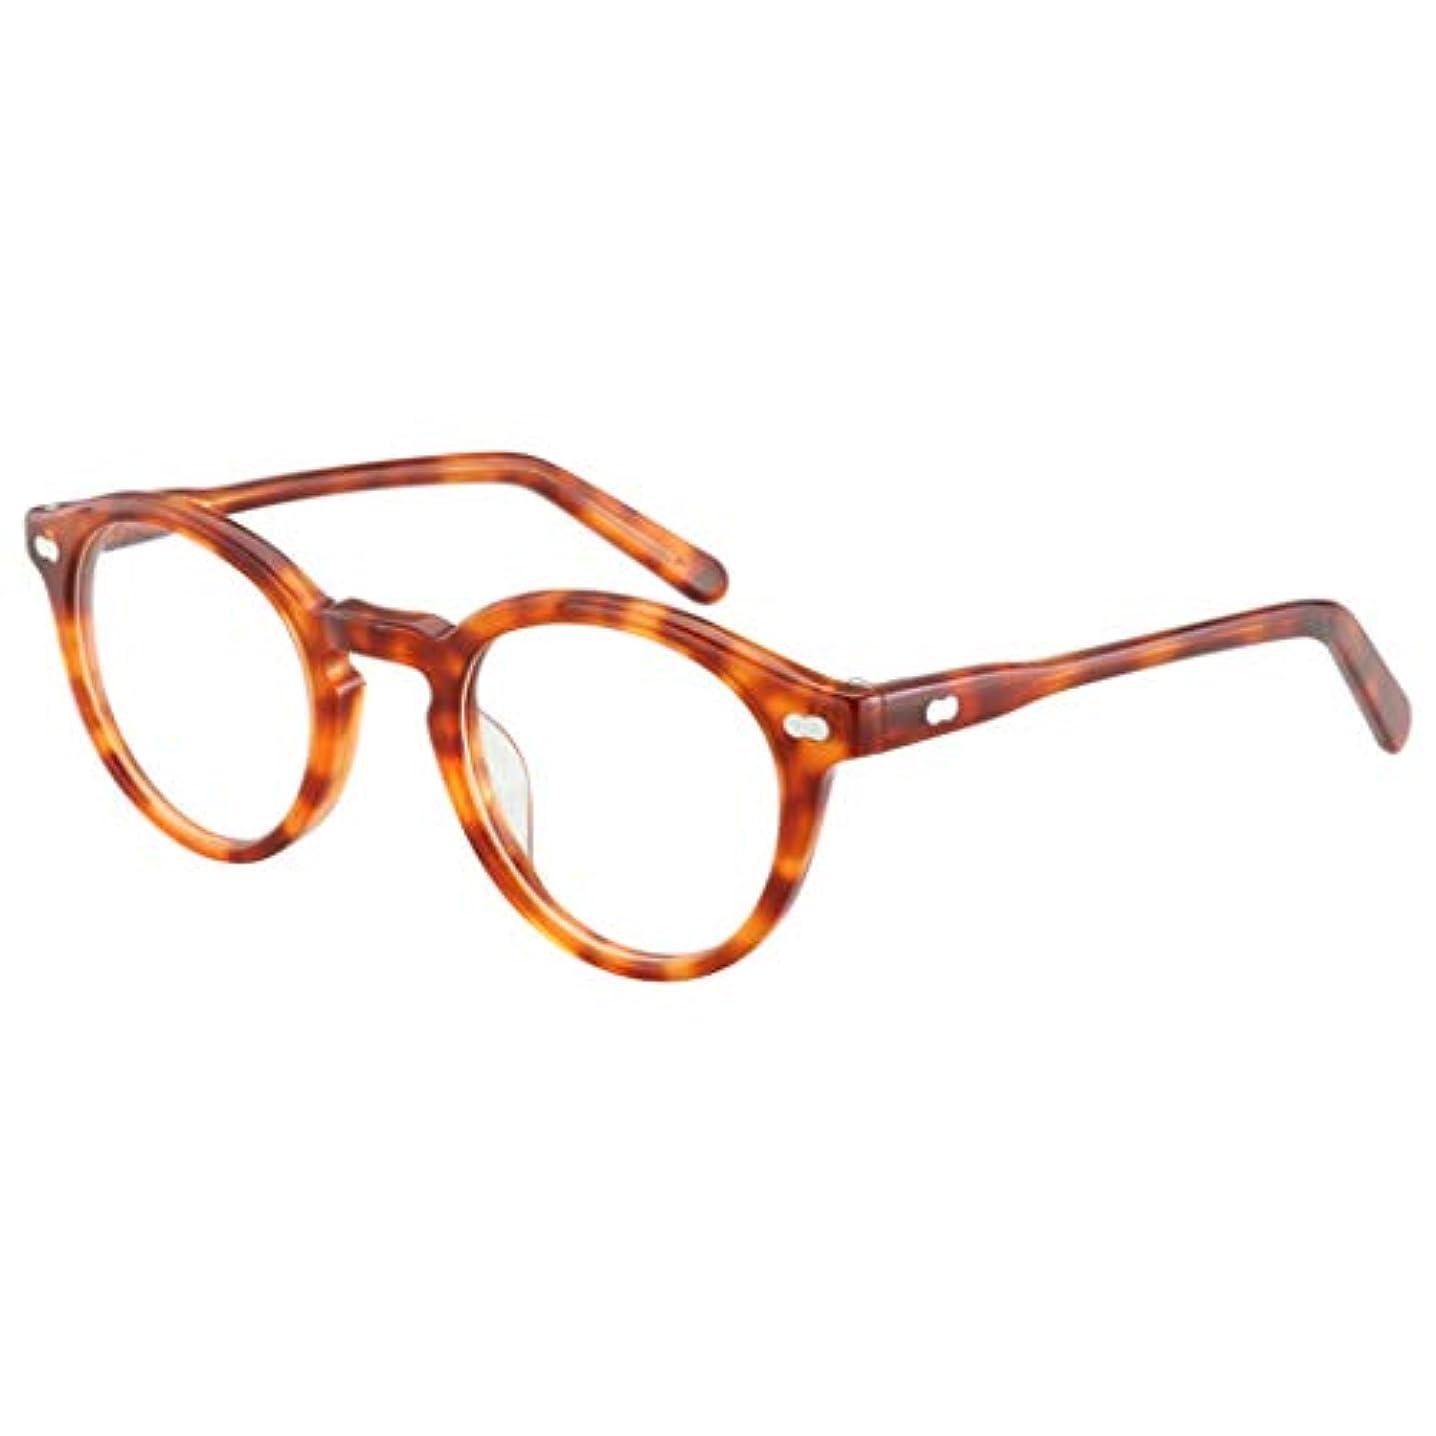 老眼鏡 、 軽い リーディン シ ンプルで締付け感なし 使いやすい老眼鏡 、遠近両用、慰安ファッション品質読者、女性および男性用